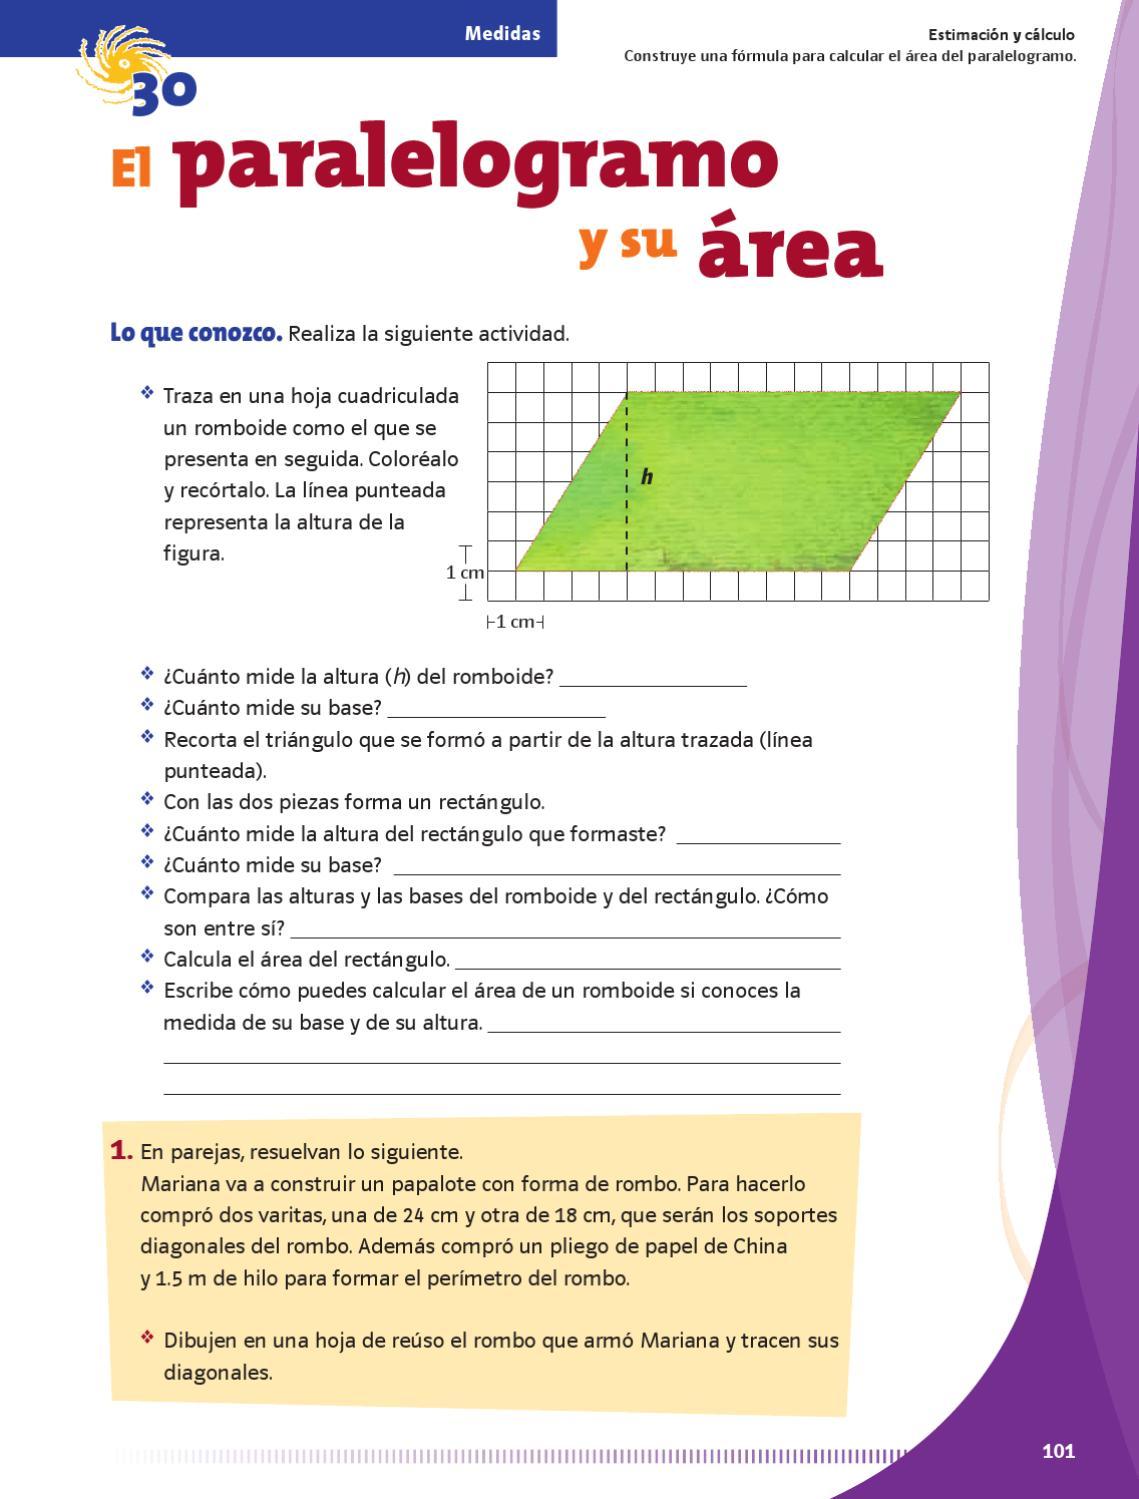 Matemáticas 5to. Grado. by Rarámuri - issuu